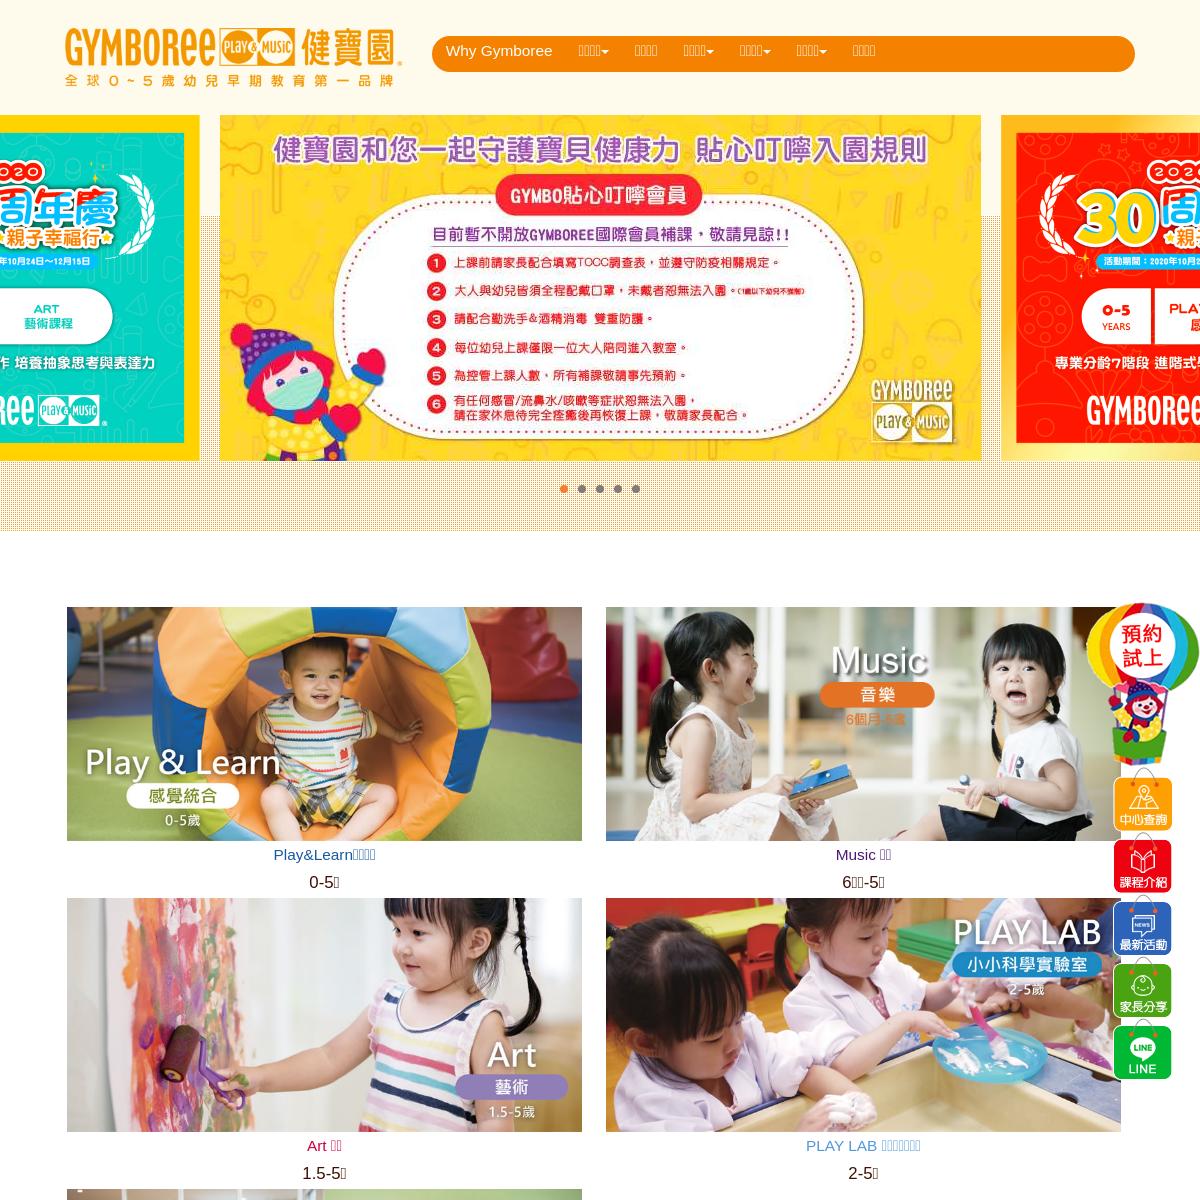 Gymboree 健寶園 全球0-5歲幼兒早期教育第一品牌